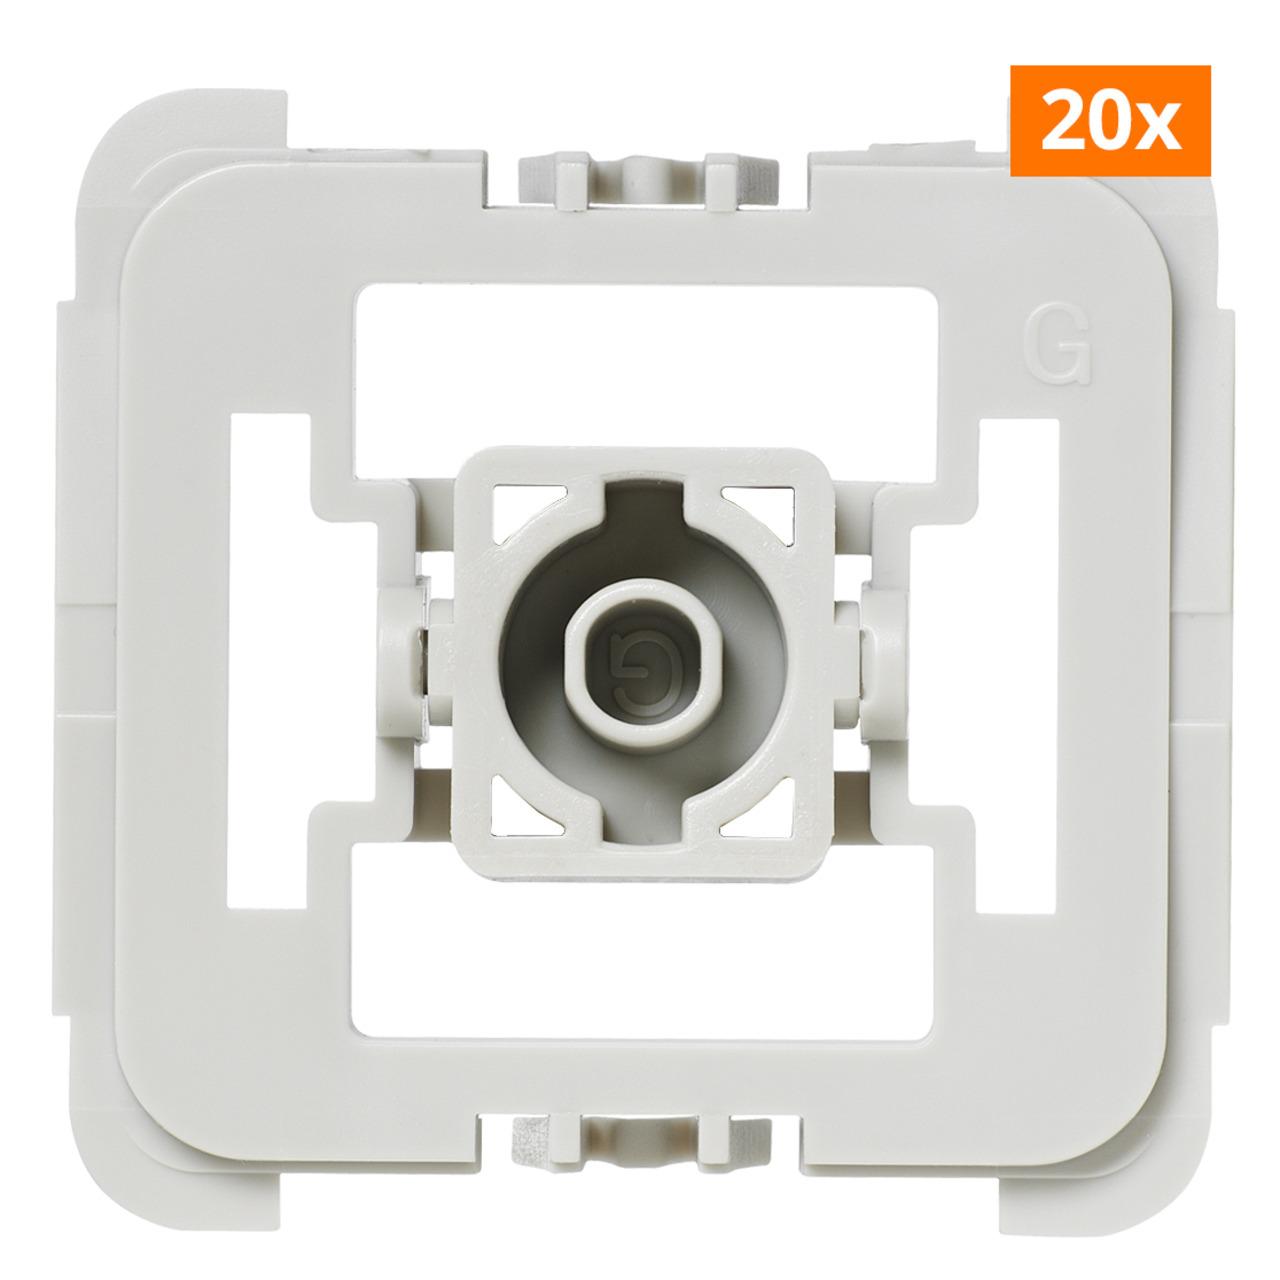 Installationsadapter für Schalter Gira 55- 20er-Set für Smart Home / Hausautomation